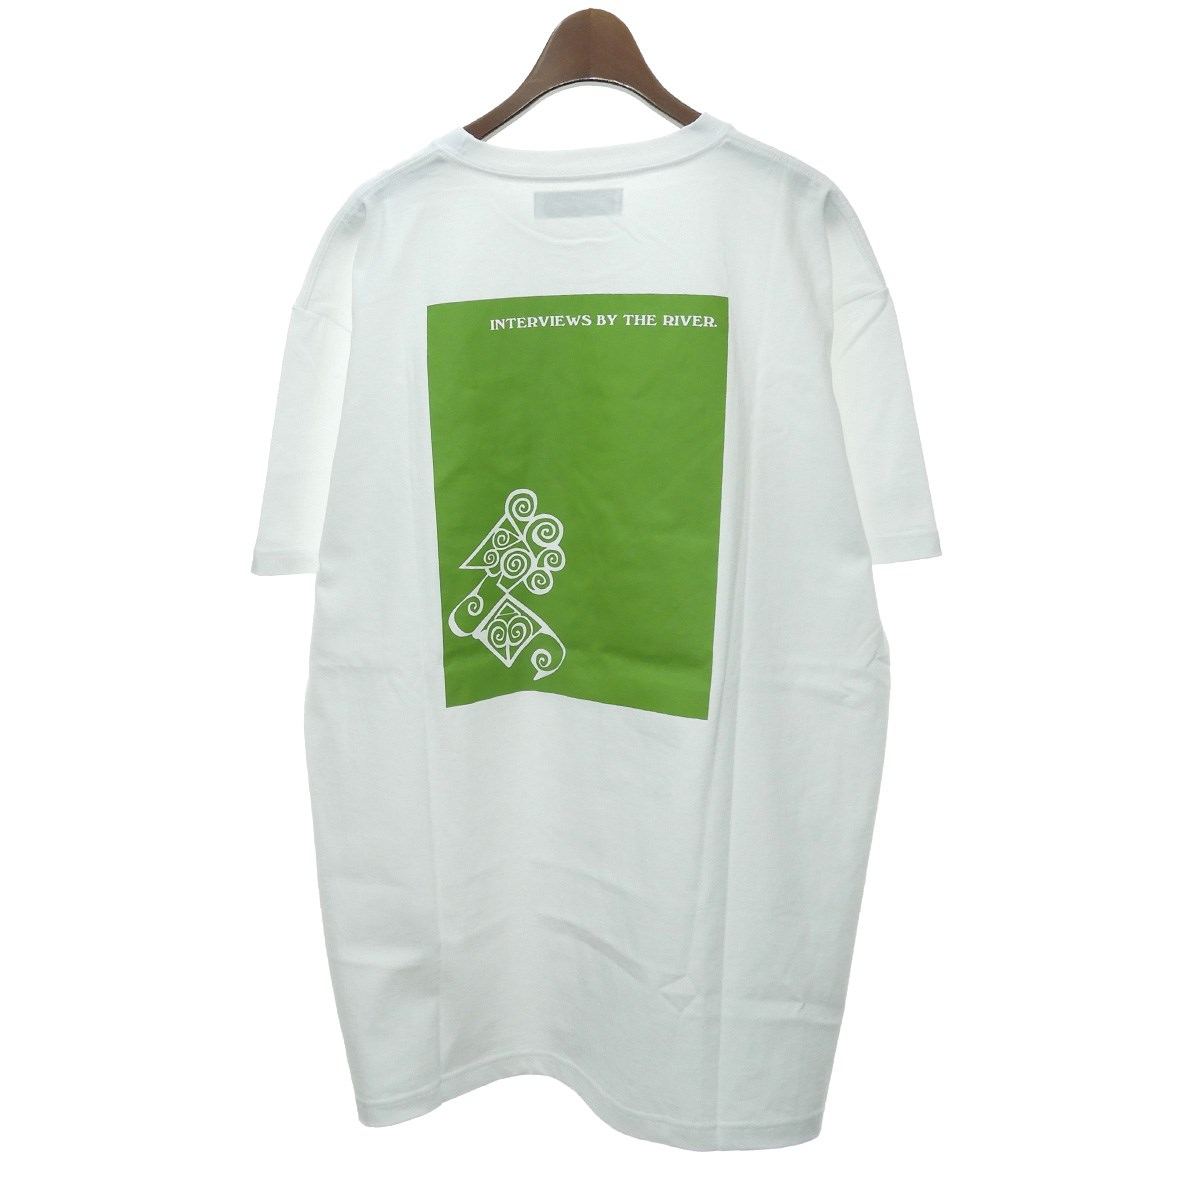 【中古】Kiko Kostadinov 2019SS NTERVIEWS BY THE RIVERプリントTシャツ ホワイト サイズ:XL 【220220】(キココスタディノフ)